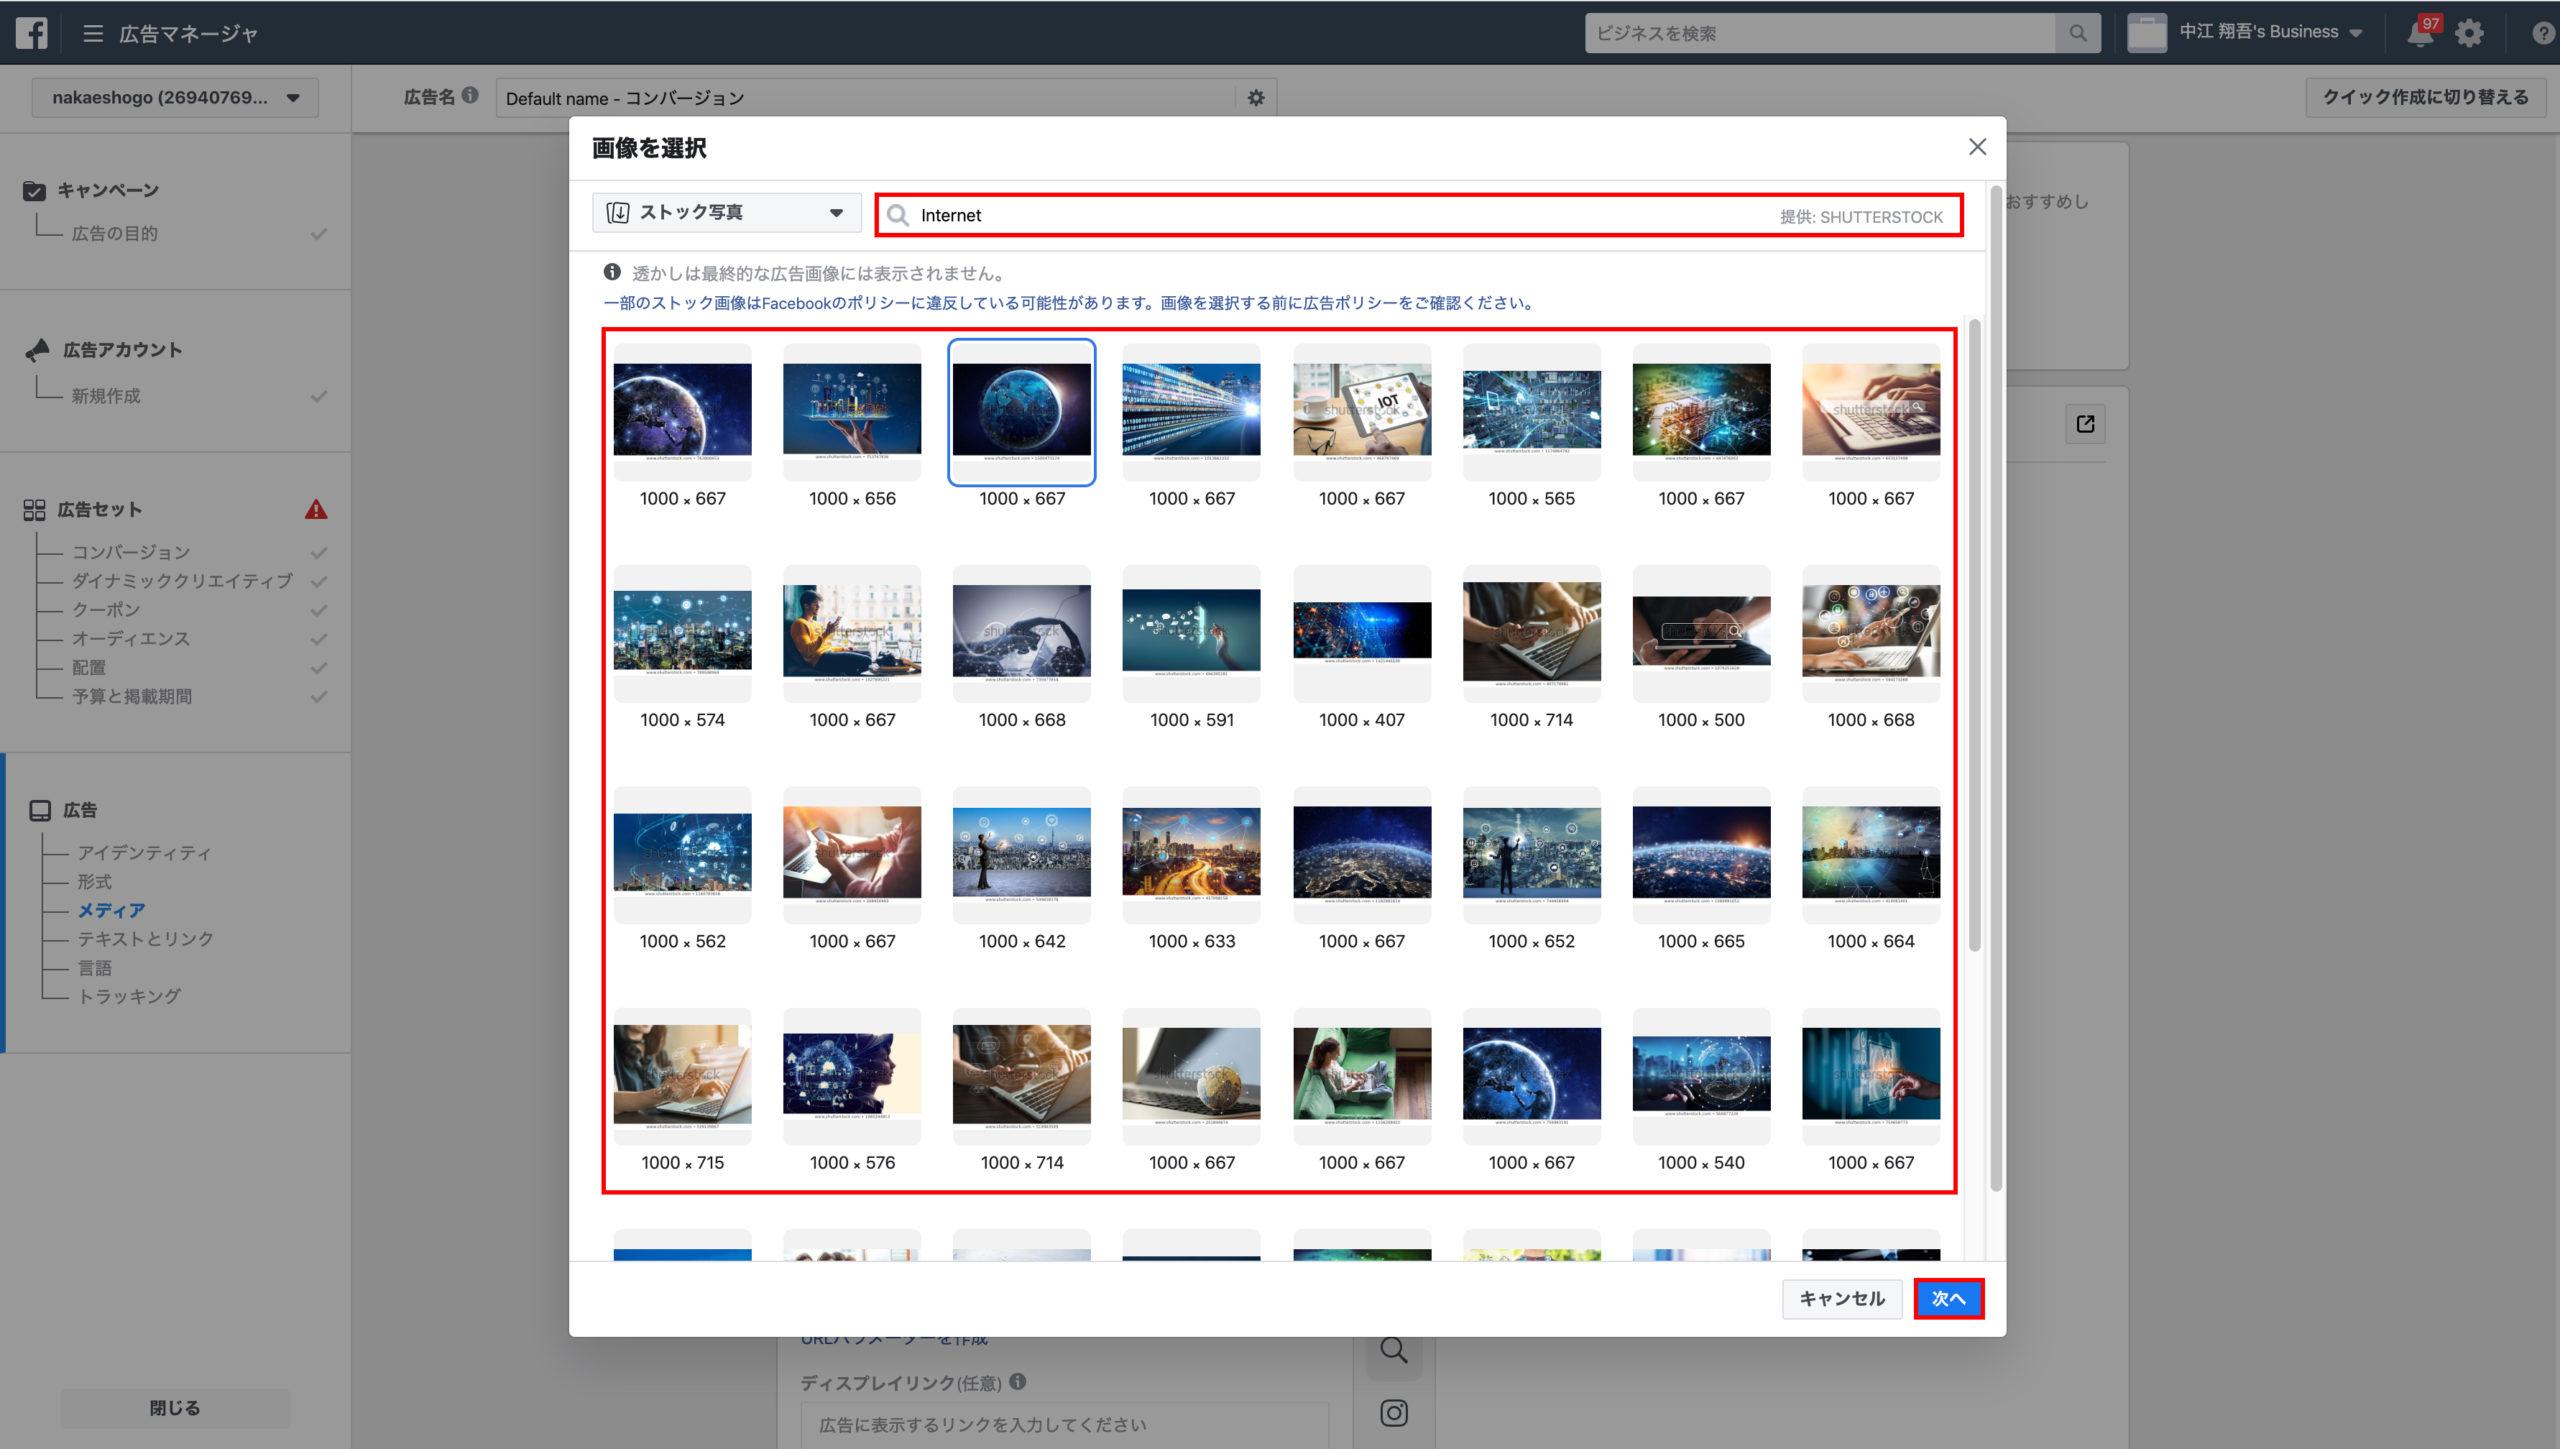 広告画像の選定